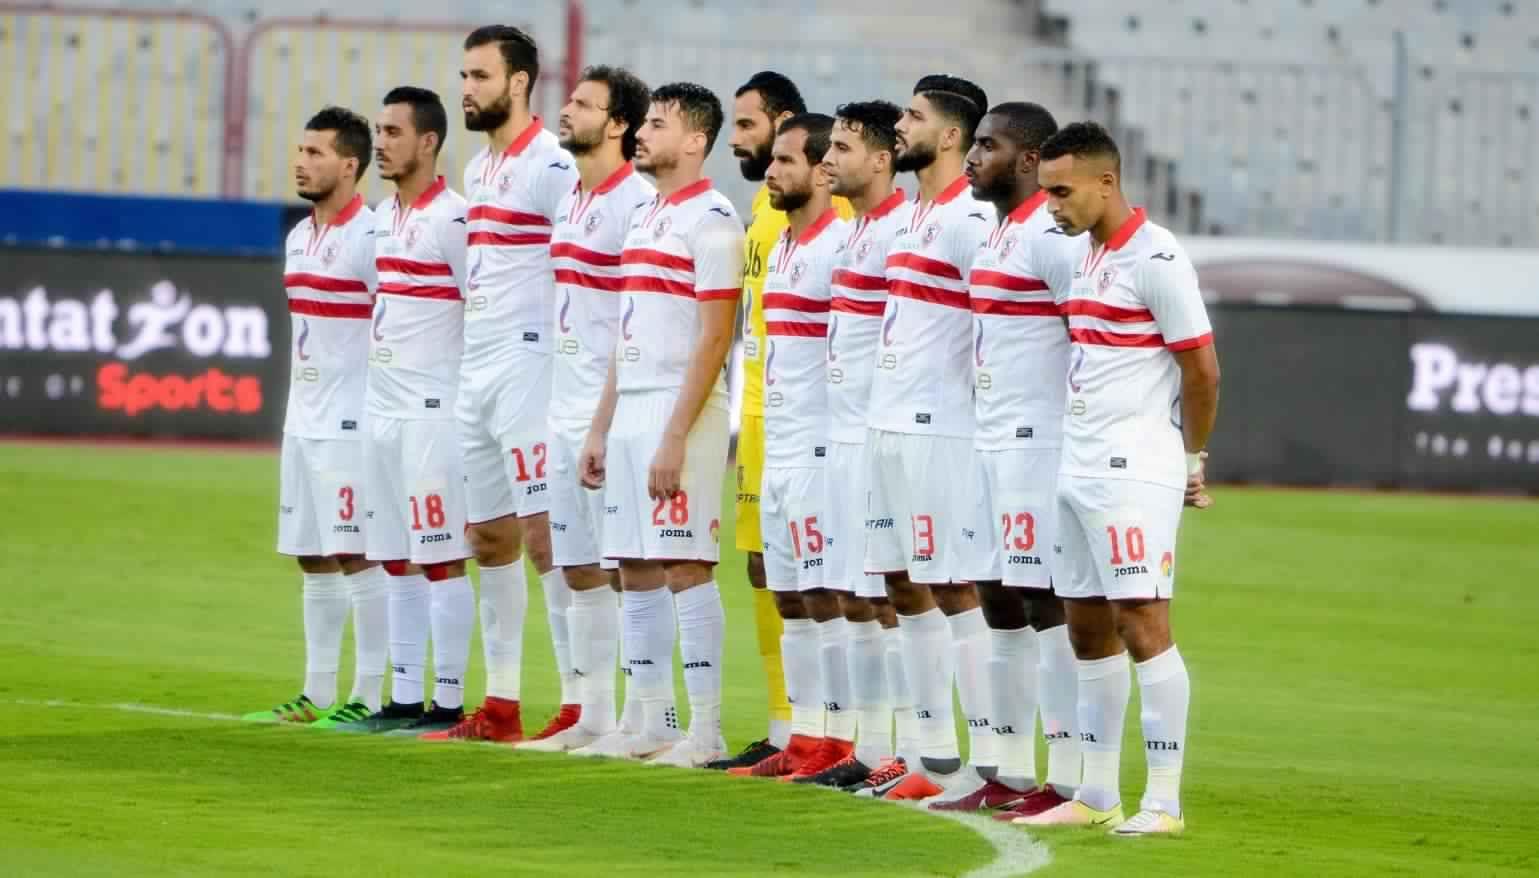 موعد مباراة الزمالك وسمنود القادمة في كأس مصر 2018 2019 والقنوات الناقلة نجوم مصرية Sports Presidents Football